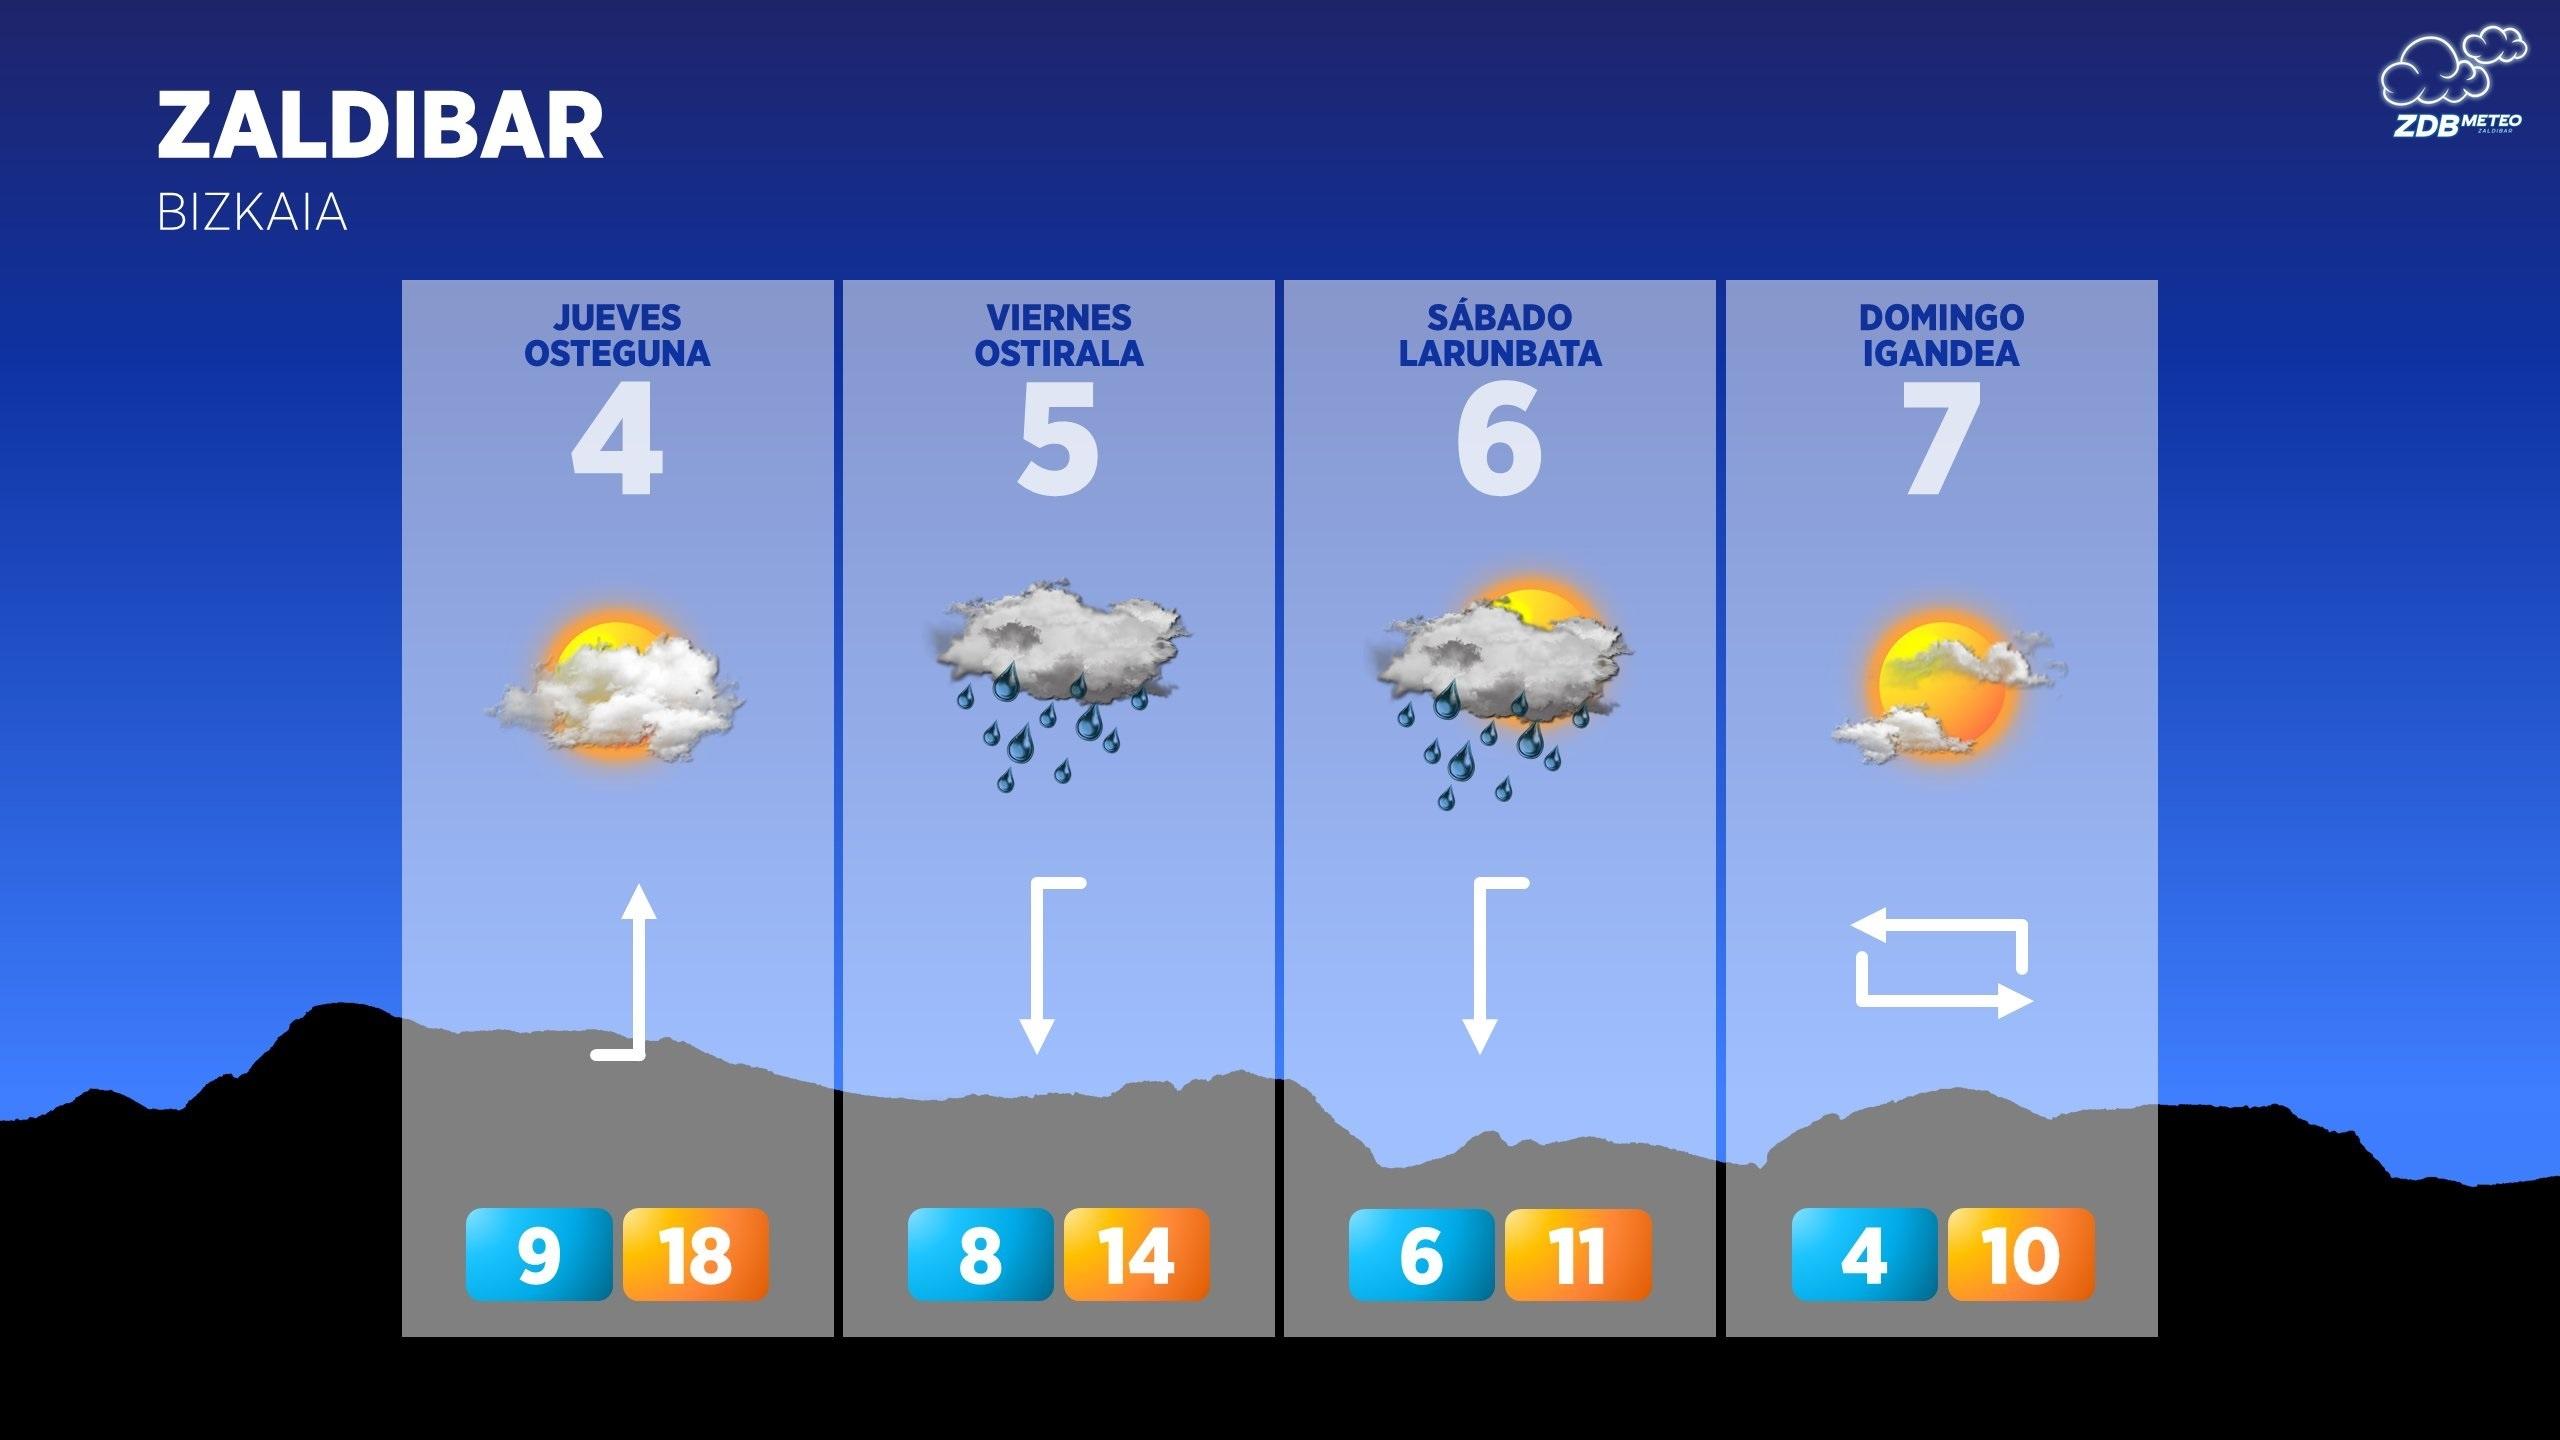 [dotb.eus] Jueves soleado, viernes gris y temperaturas en descenso